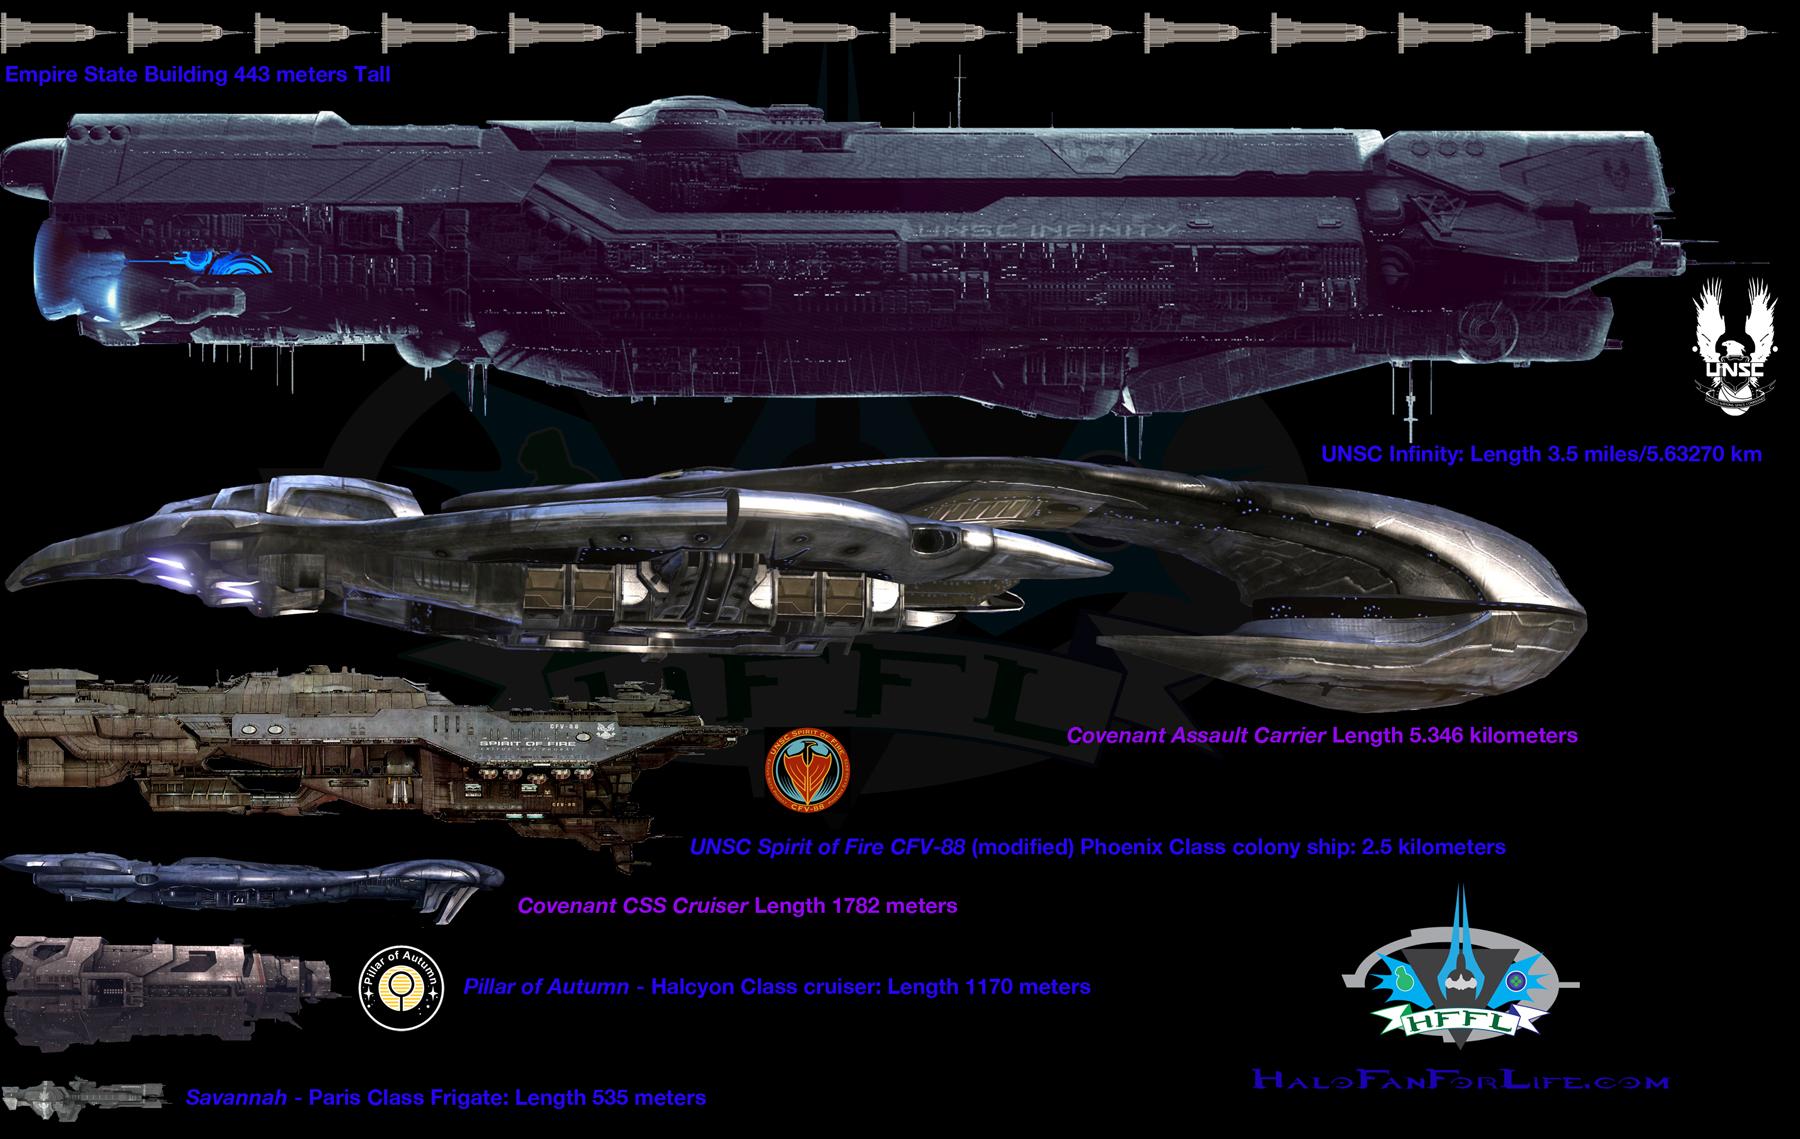 star destroyer enterprise size comparison - photo #25